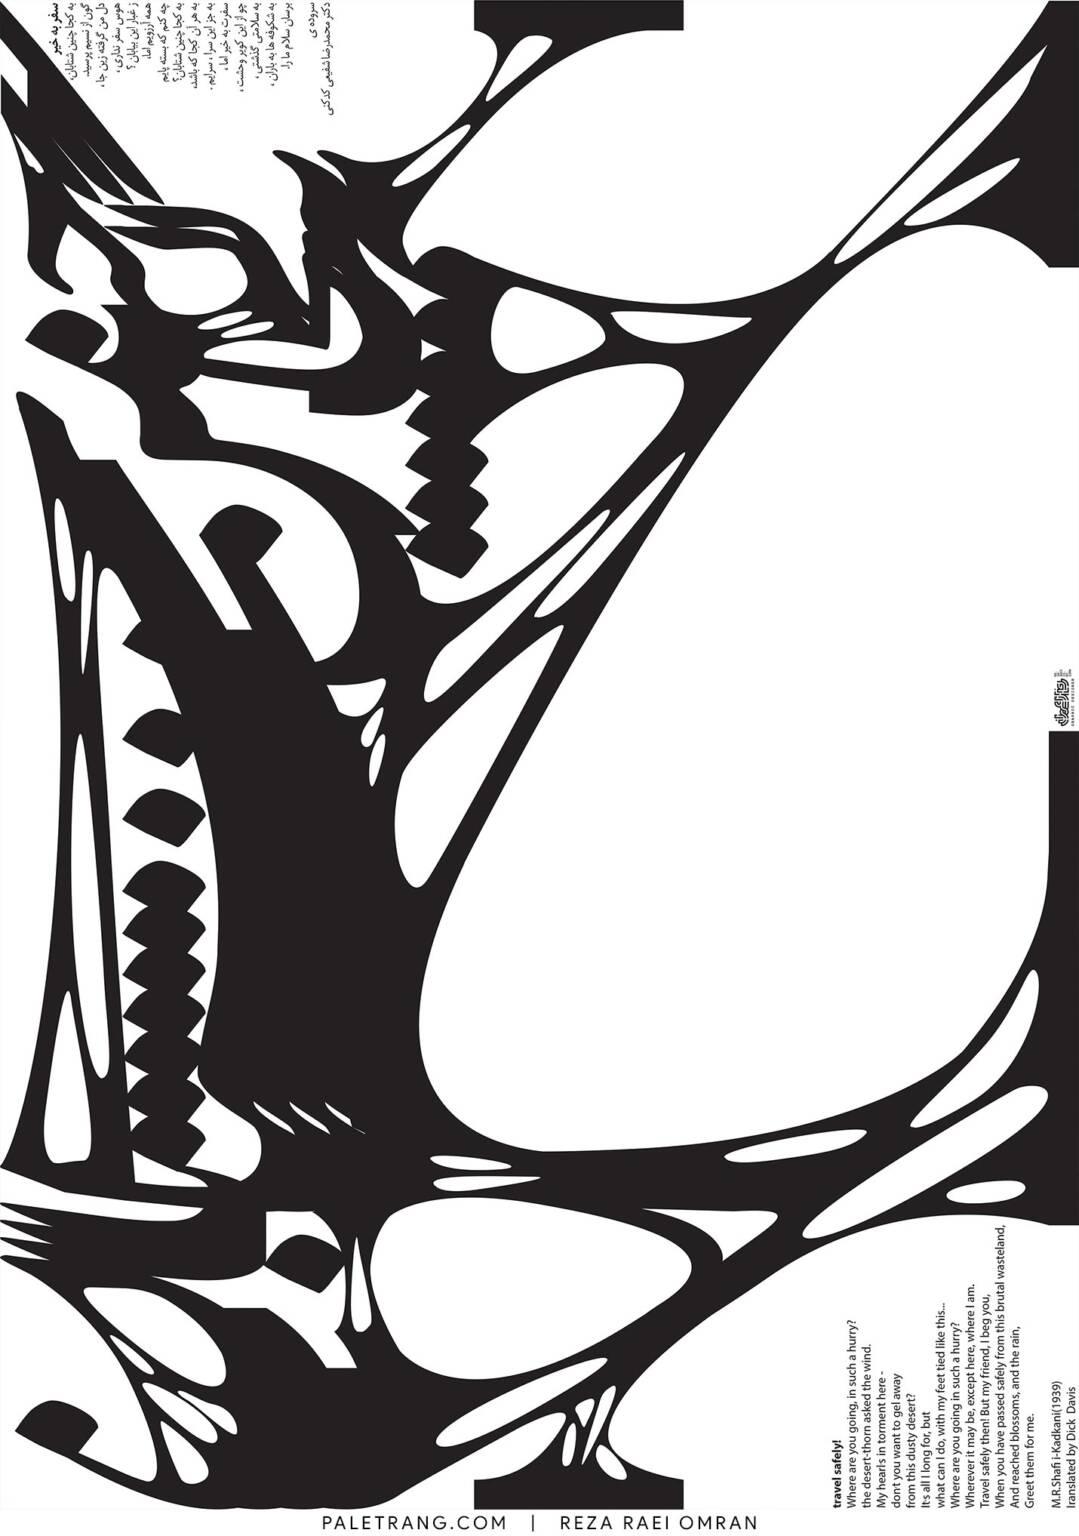 پوستر تایپوگرافی به کجا چنین شتابان اثر رضا راعی عمران